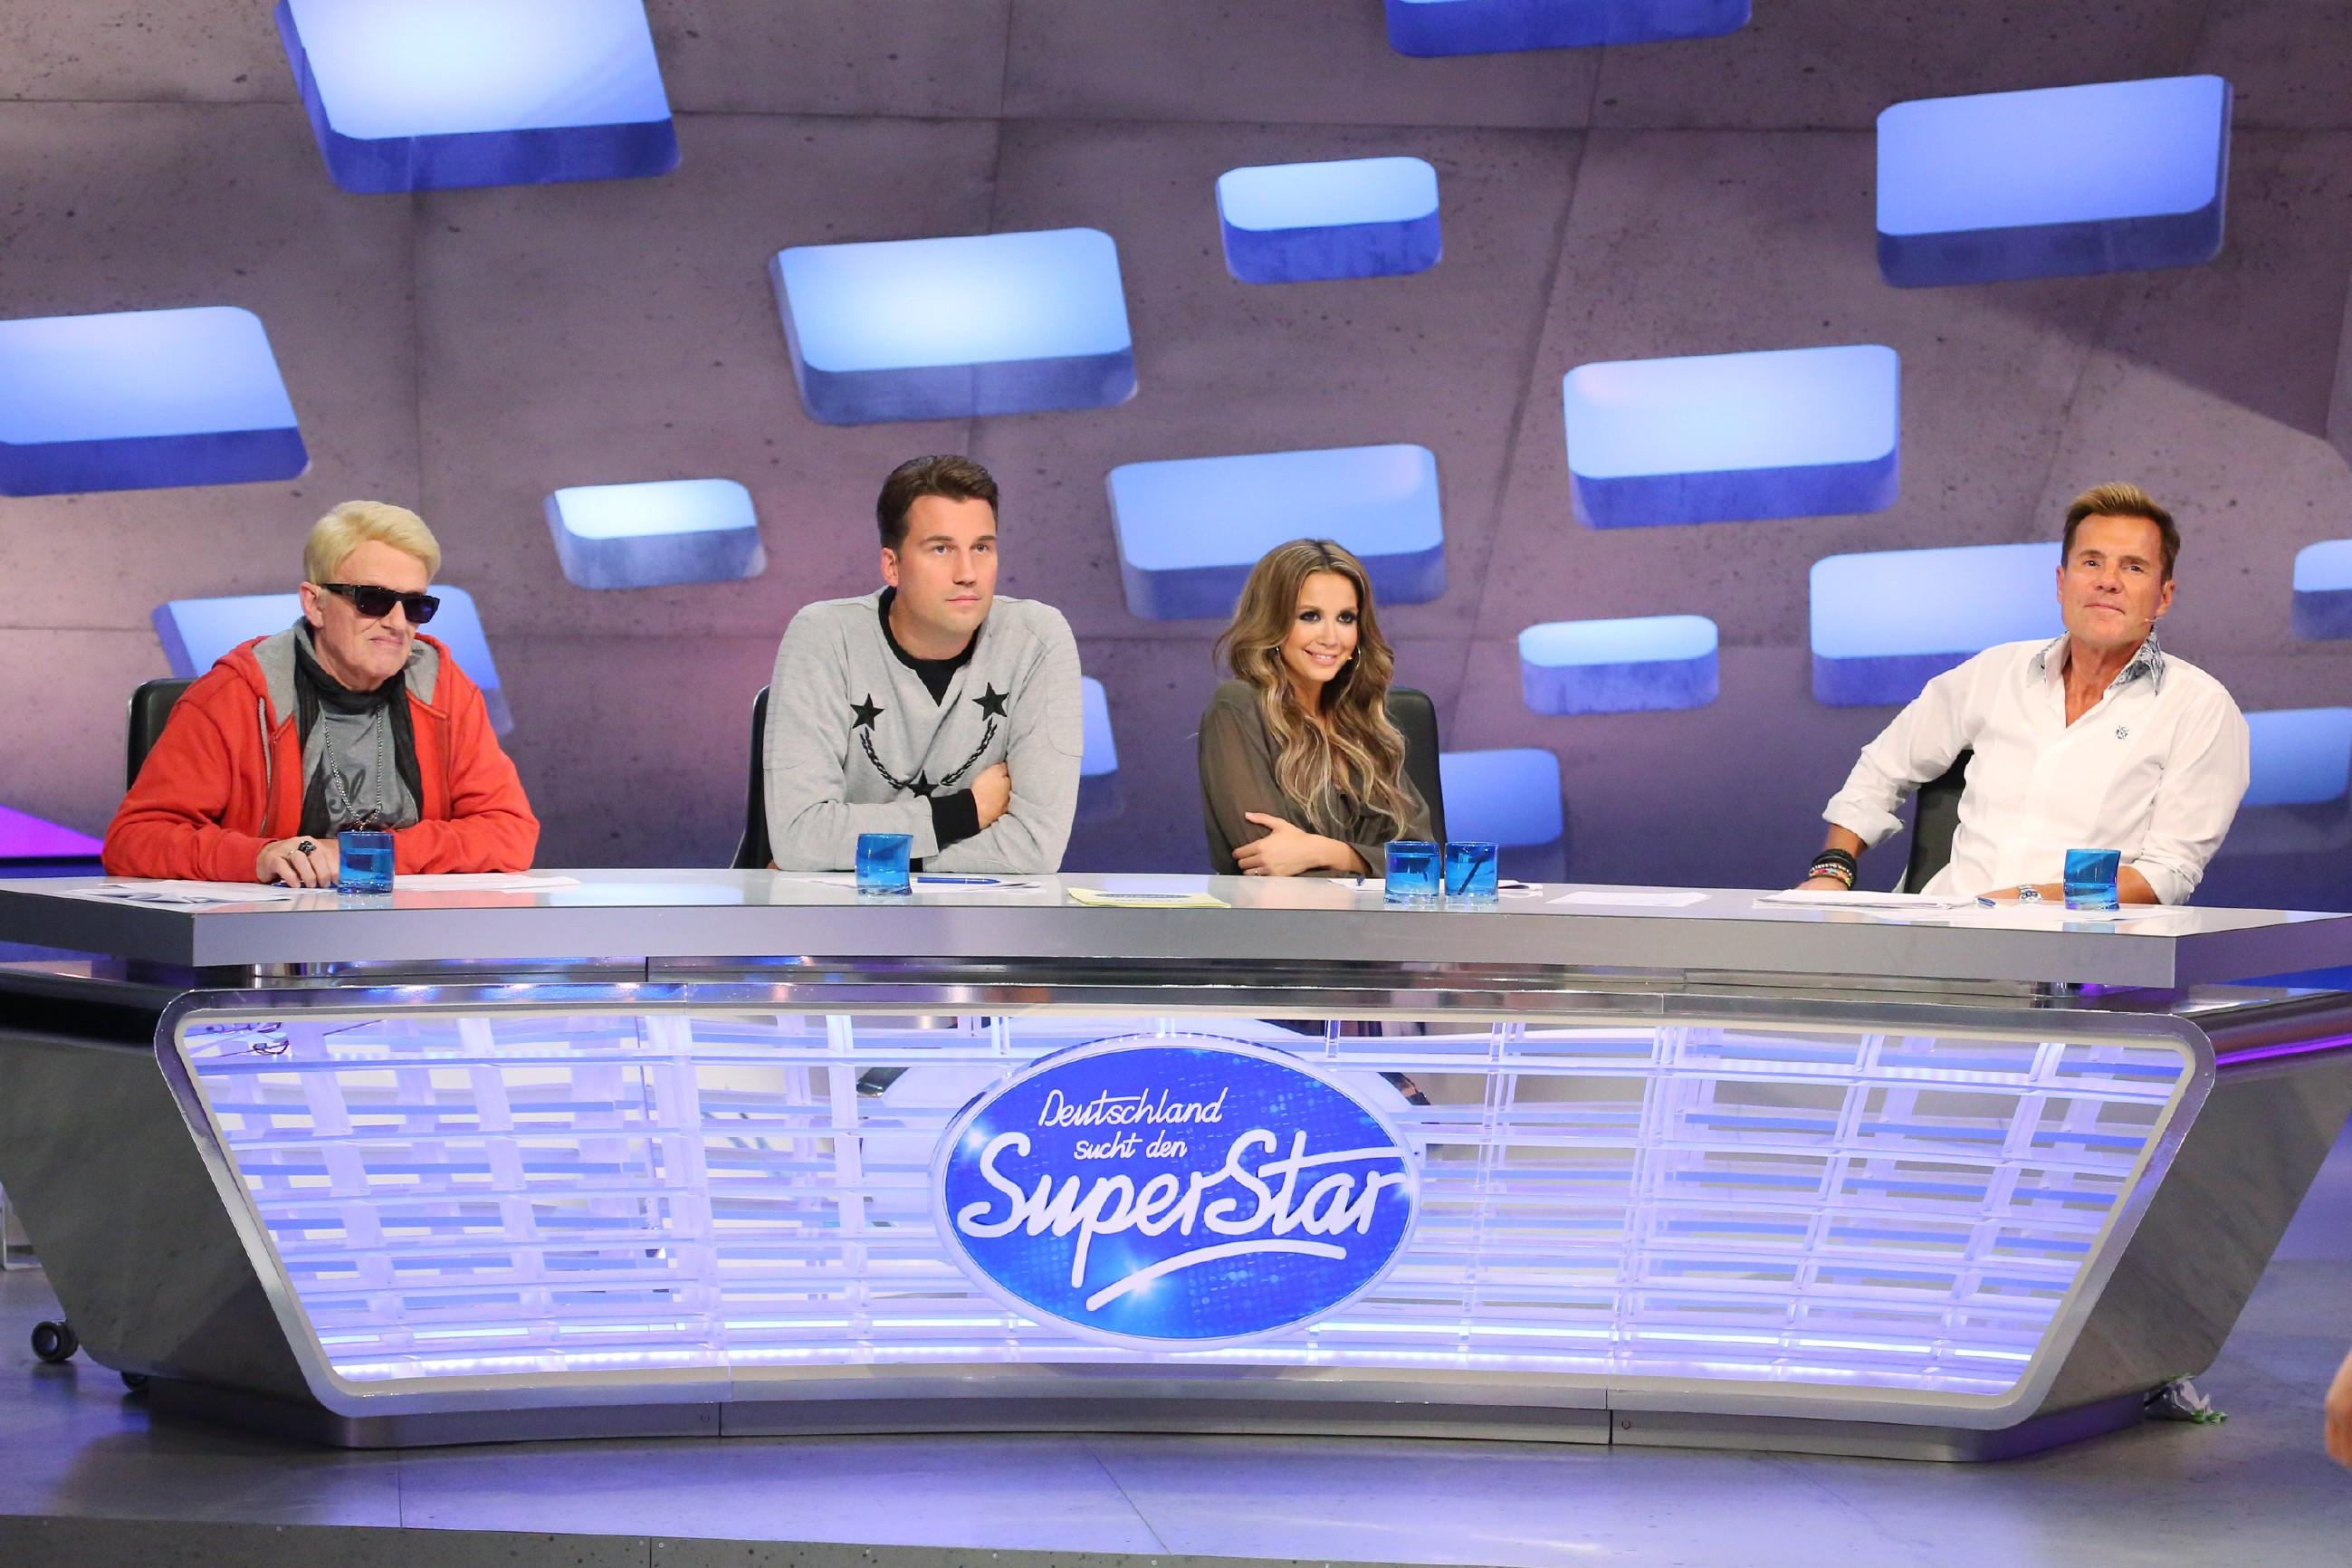 Küchenschlacht Heute Kandidaten ~ dsds 2015 casting 8 die kandidaten heute abend bei rtl u203a stars on tv